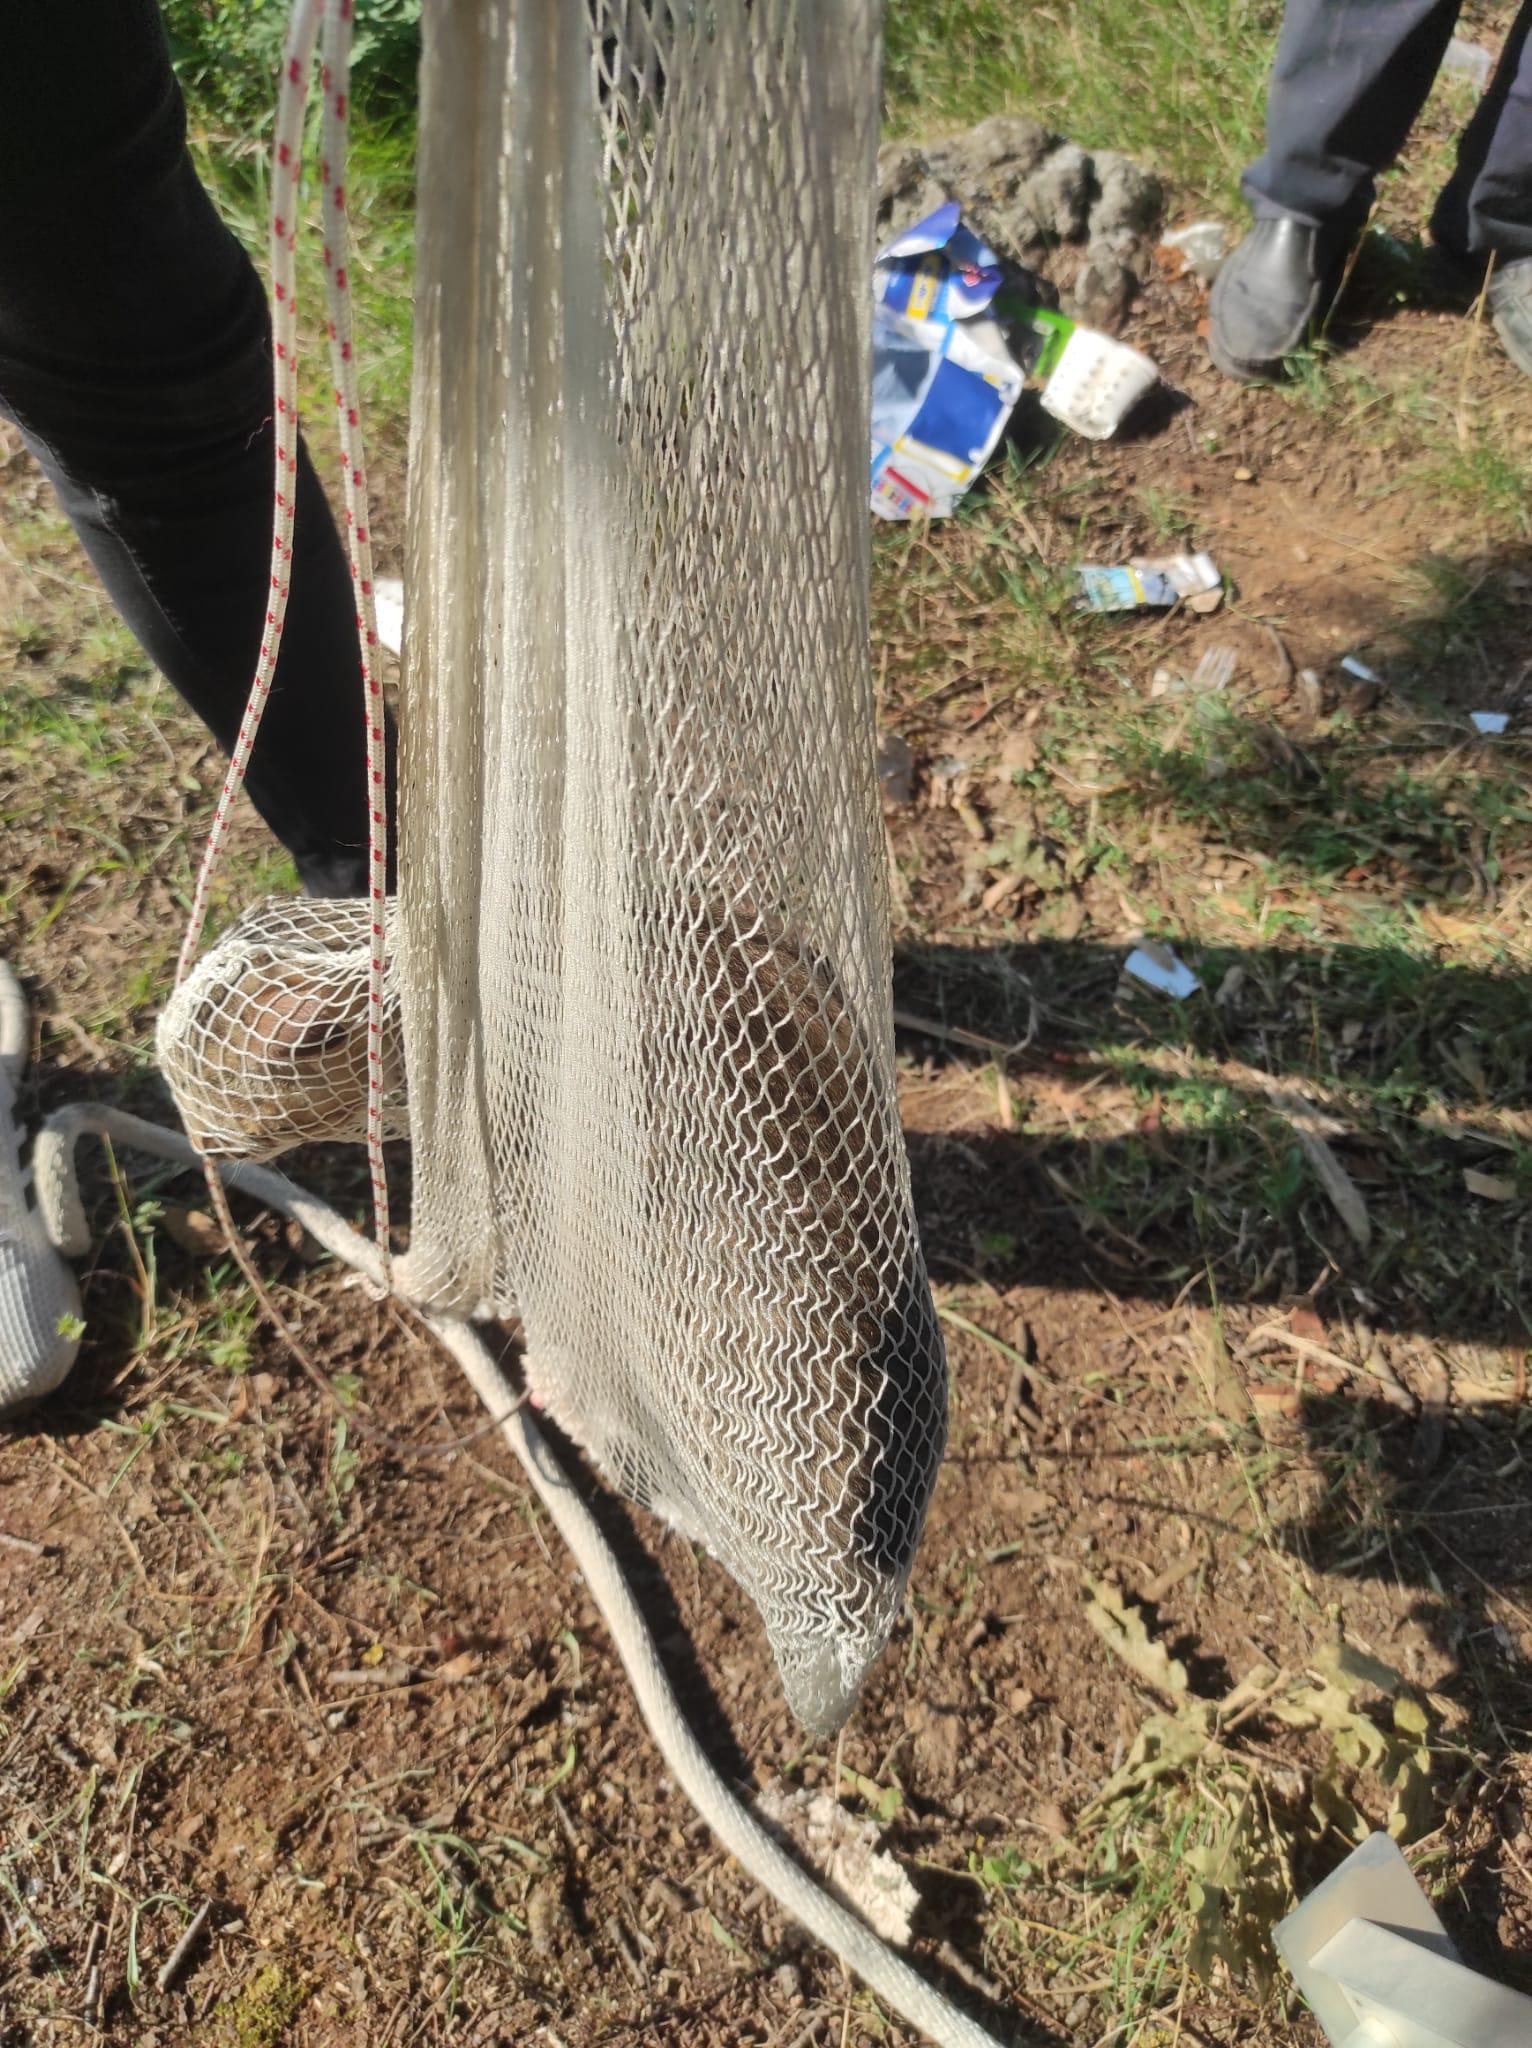 Gebzede Ağaçta mahsur kalan kediyi itfaiye kurtardı